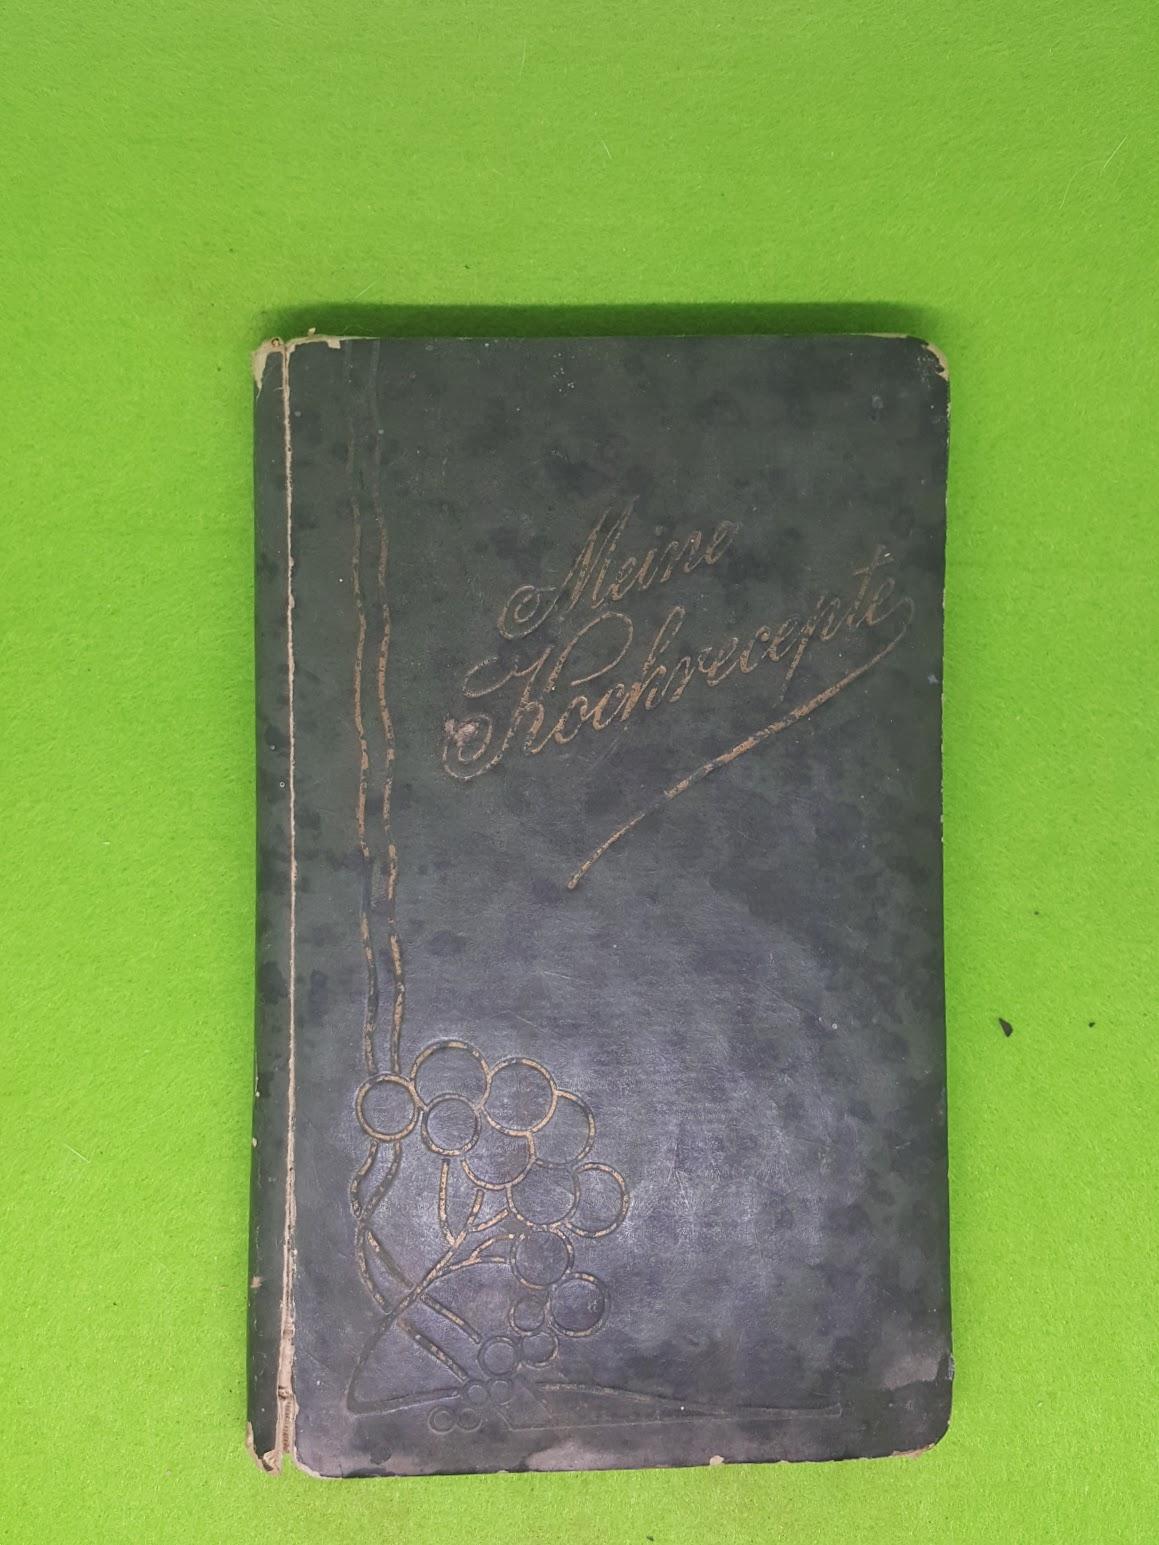 Meine Kochrecepte - Rezeptbuch von 1907